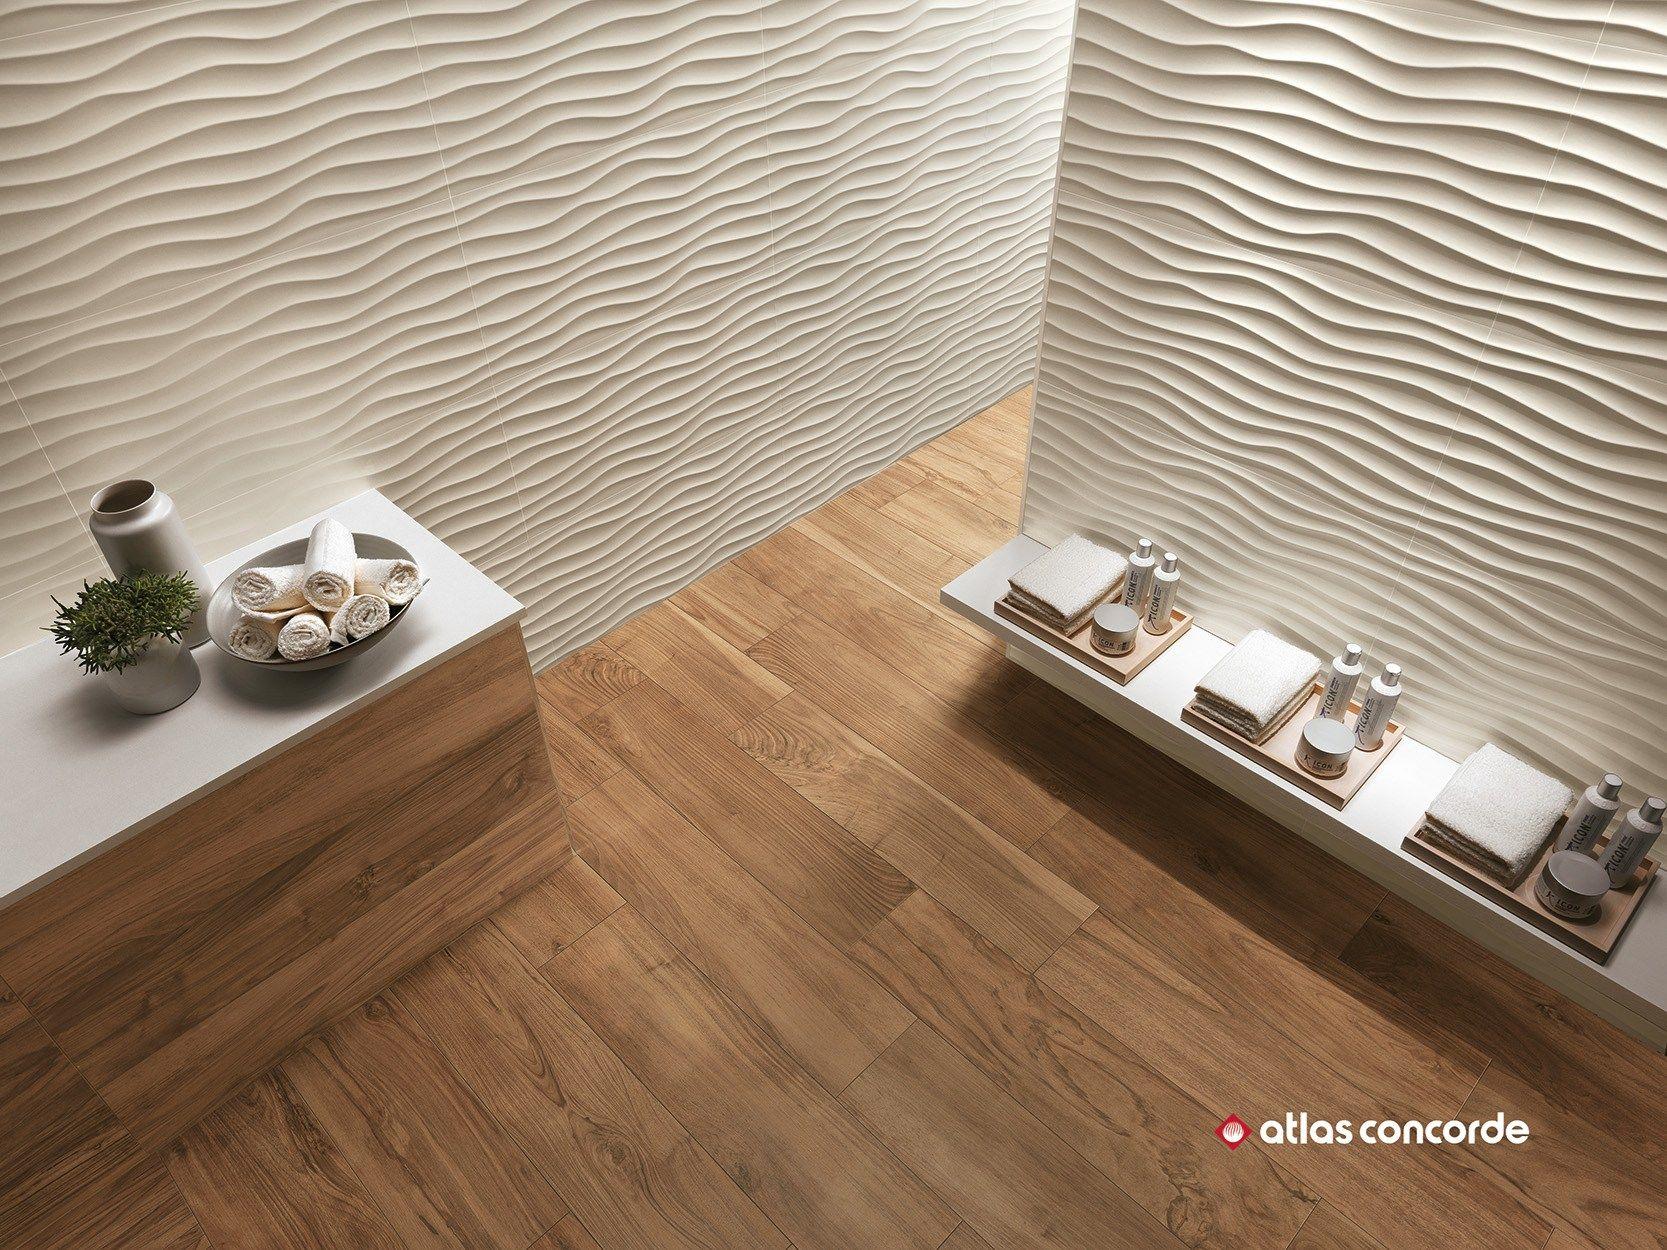 Prezzi Ceramiche Atlas Concorde.Scarica Il Catalogo E Richiedi Prezzi Di 3d Wall Design Dune By